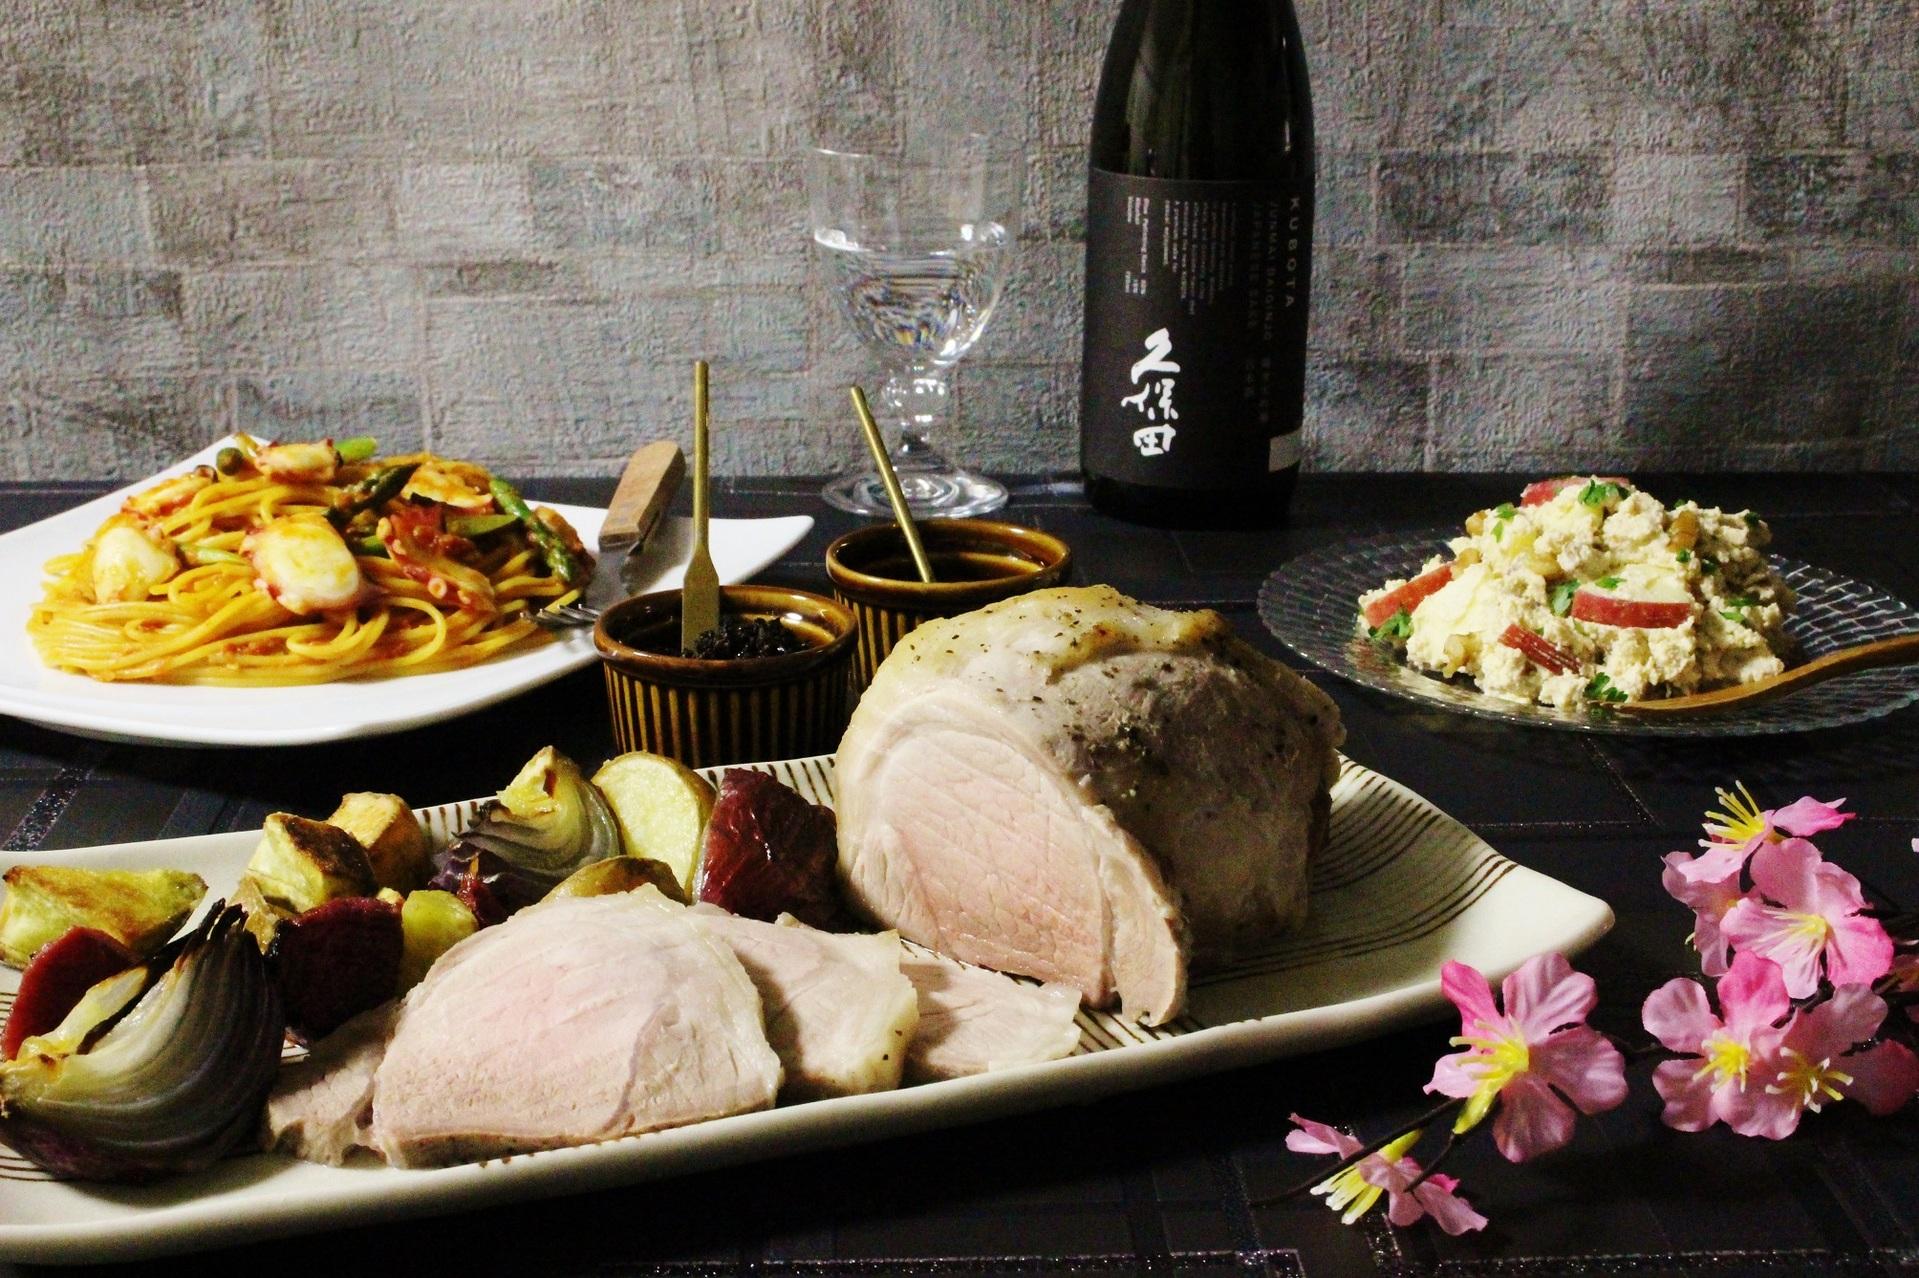 日本酒×イタリアン!おうちで楽しめる簡単レシピと、合う久保田を紹介